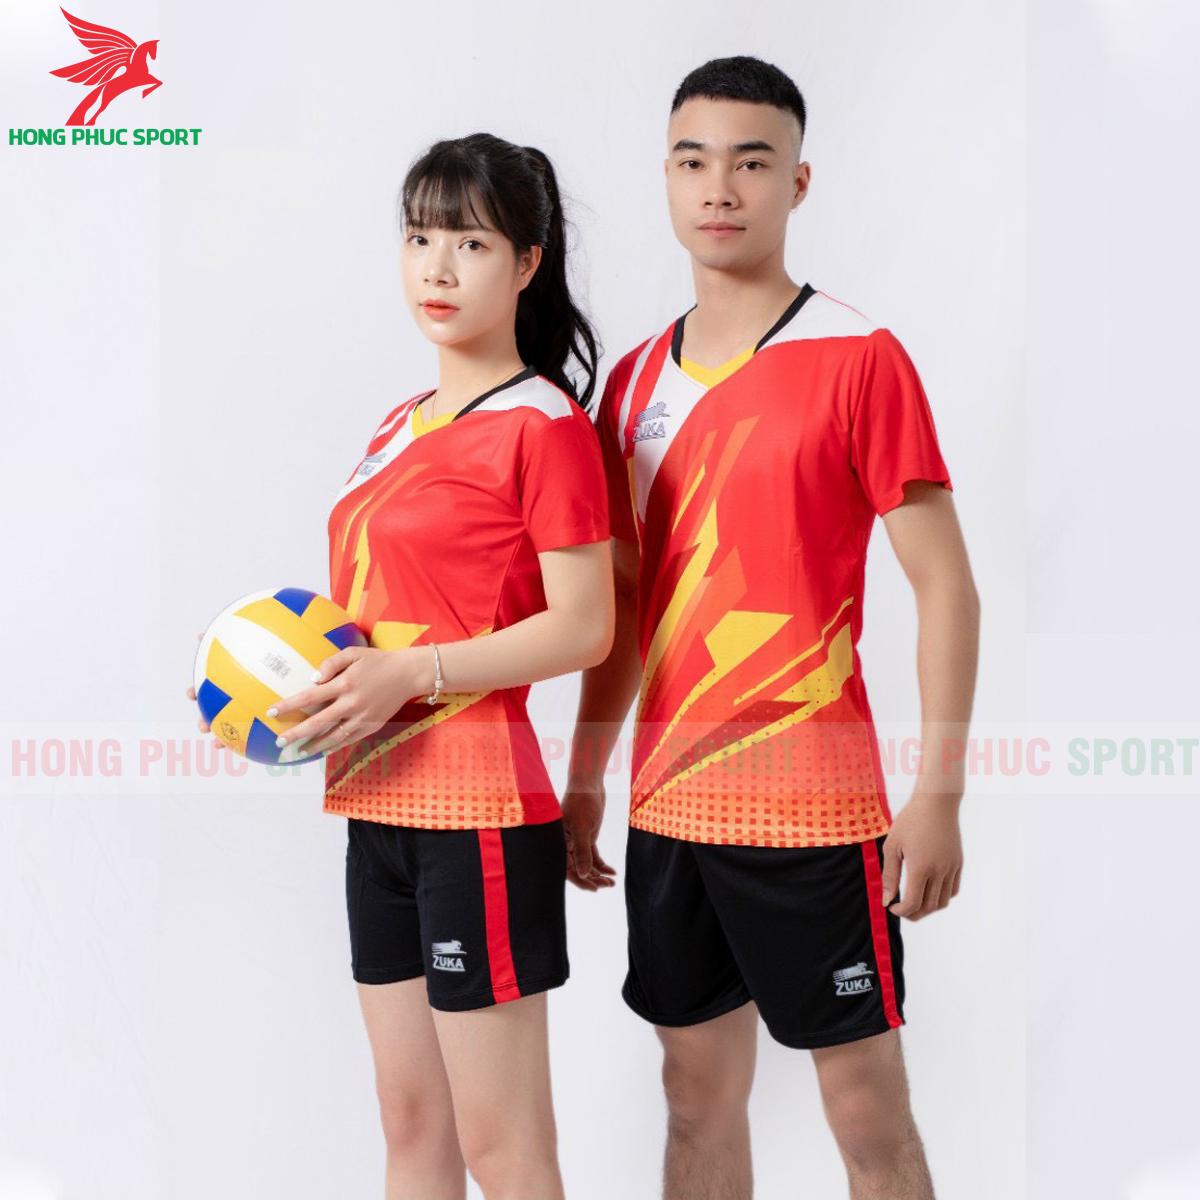 Quần áo bóng chuyền Zuka - 01 2021màu đỏ (2)